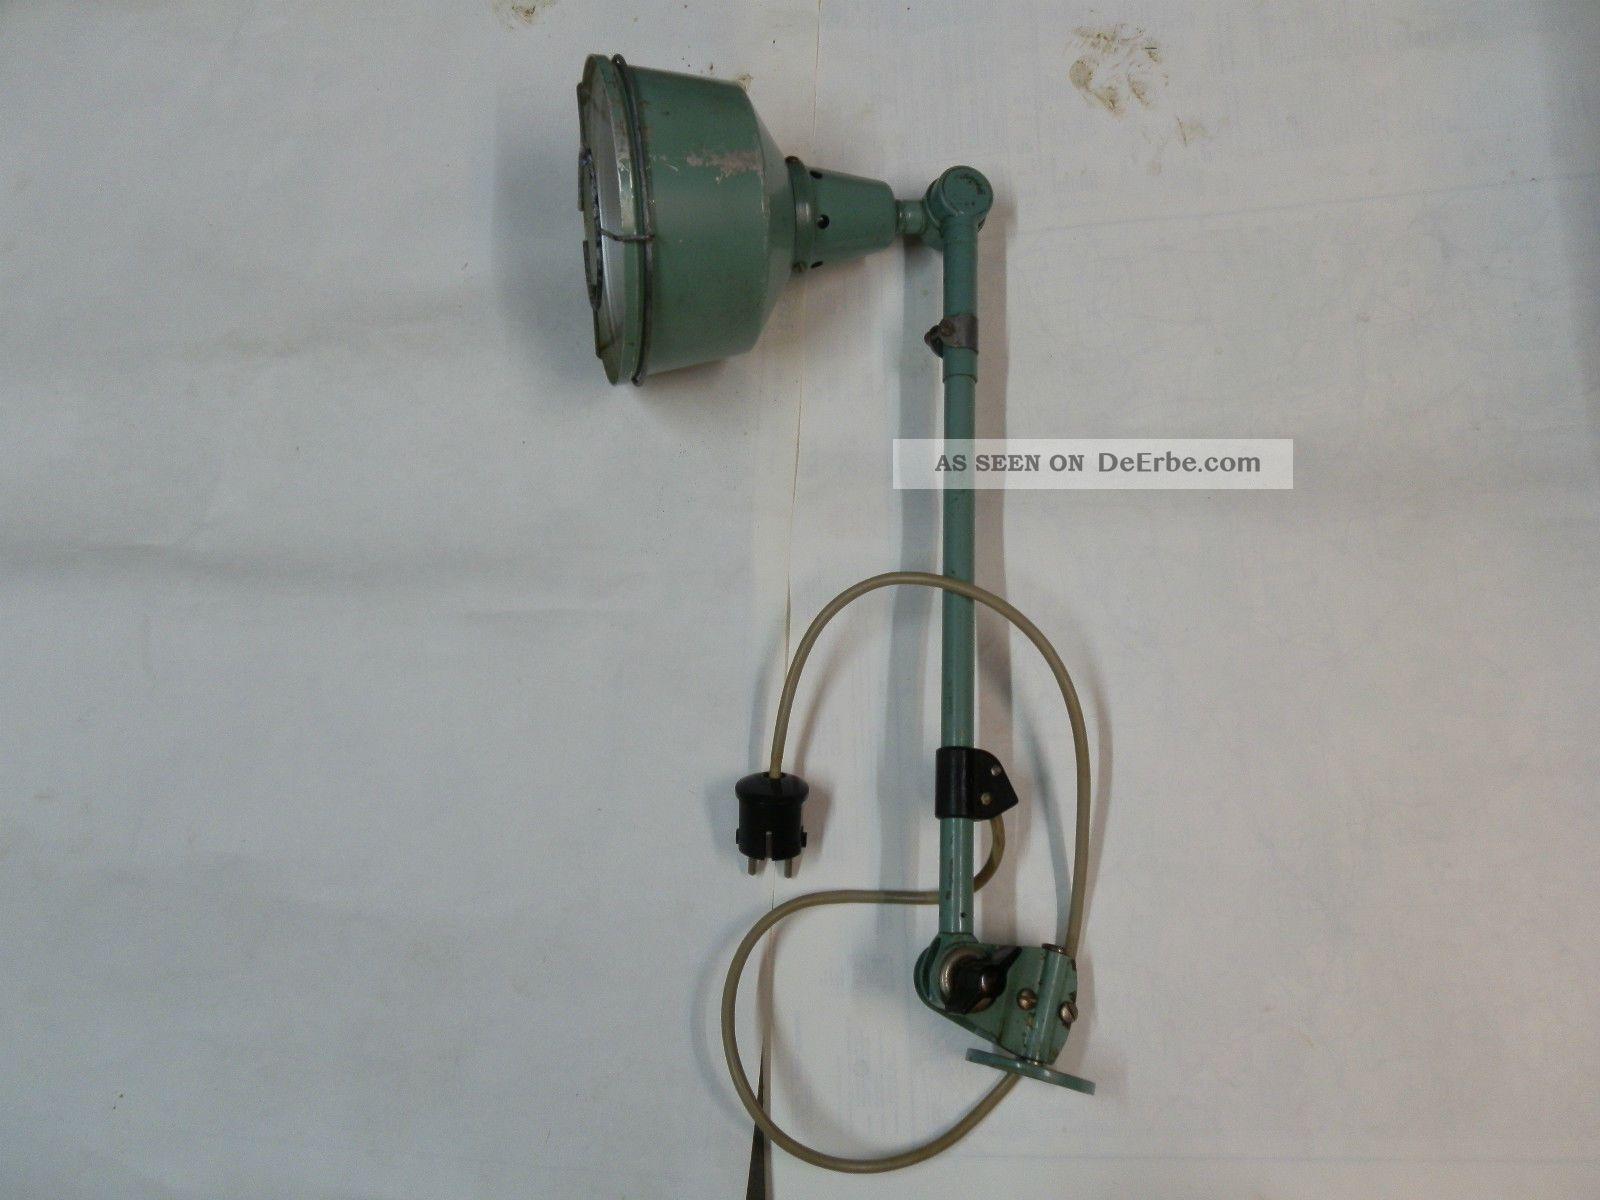 Lampe Gelenklampe Midgard Ddr Fabriklampe Bauhaus